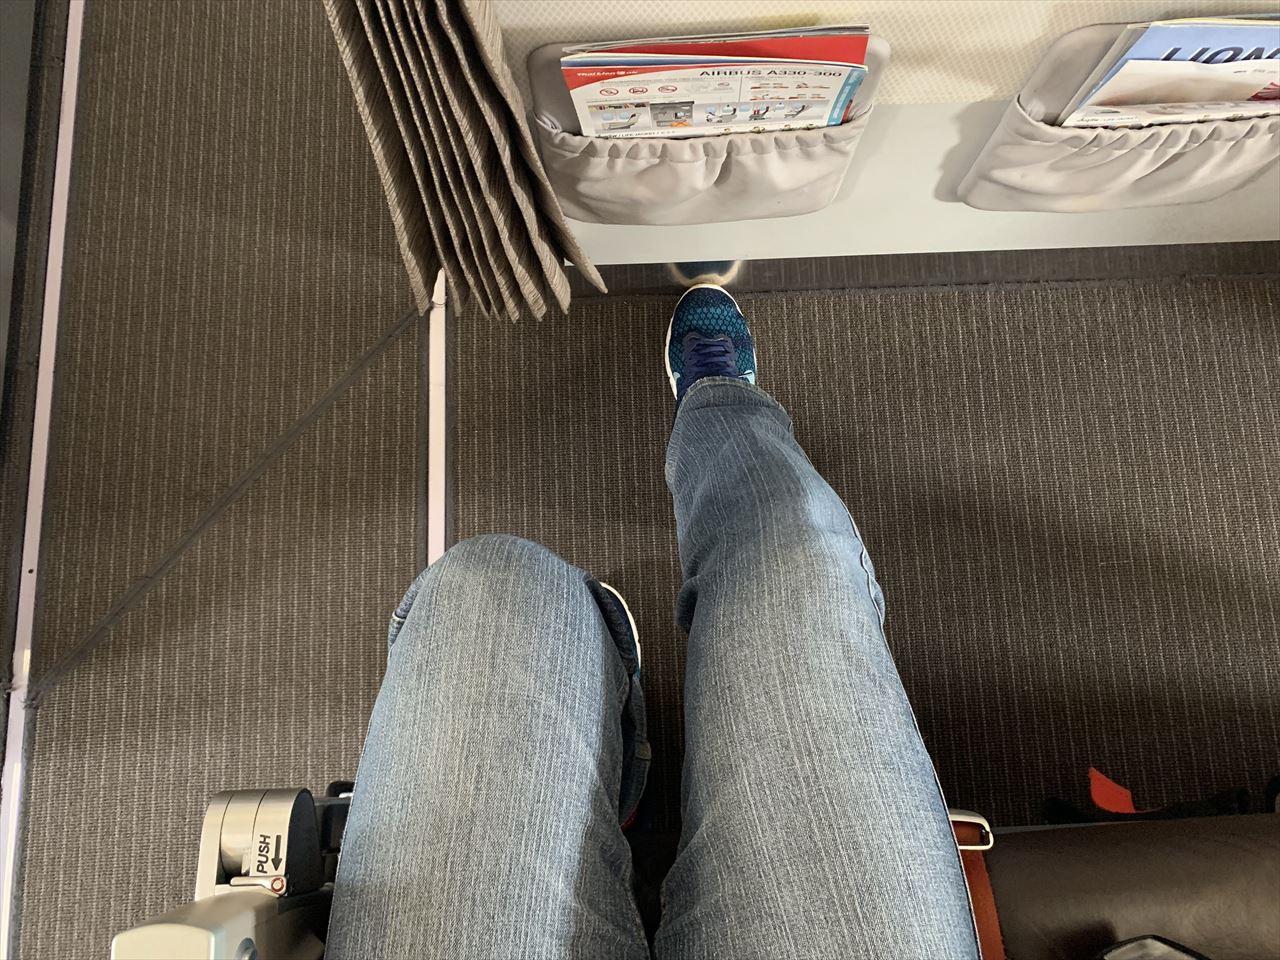 エコノミー席によってはストレッチ可能な席もある